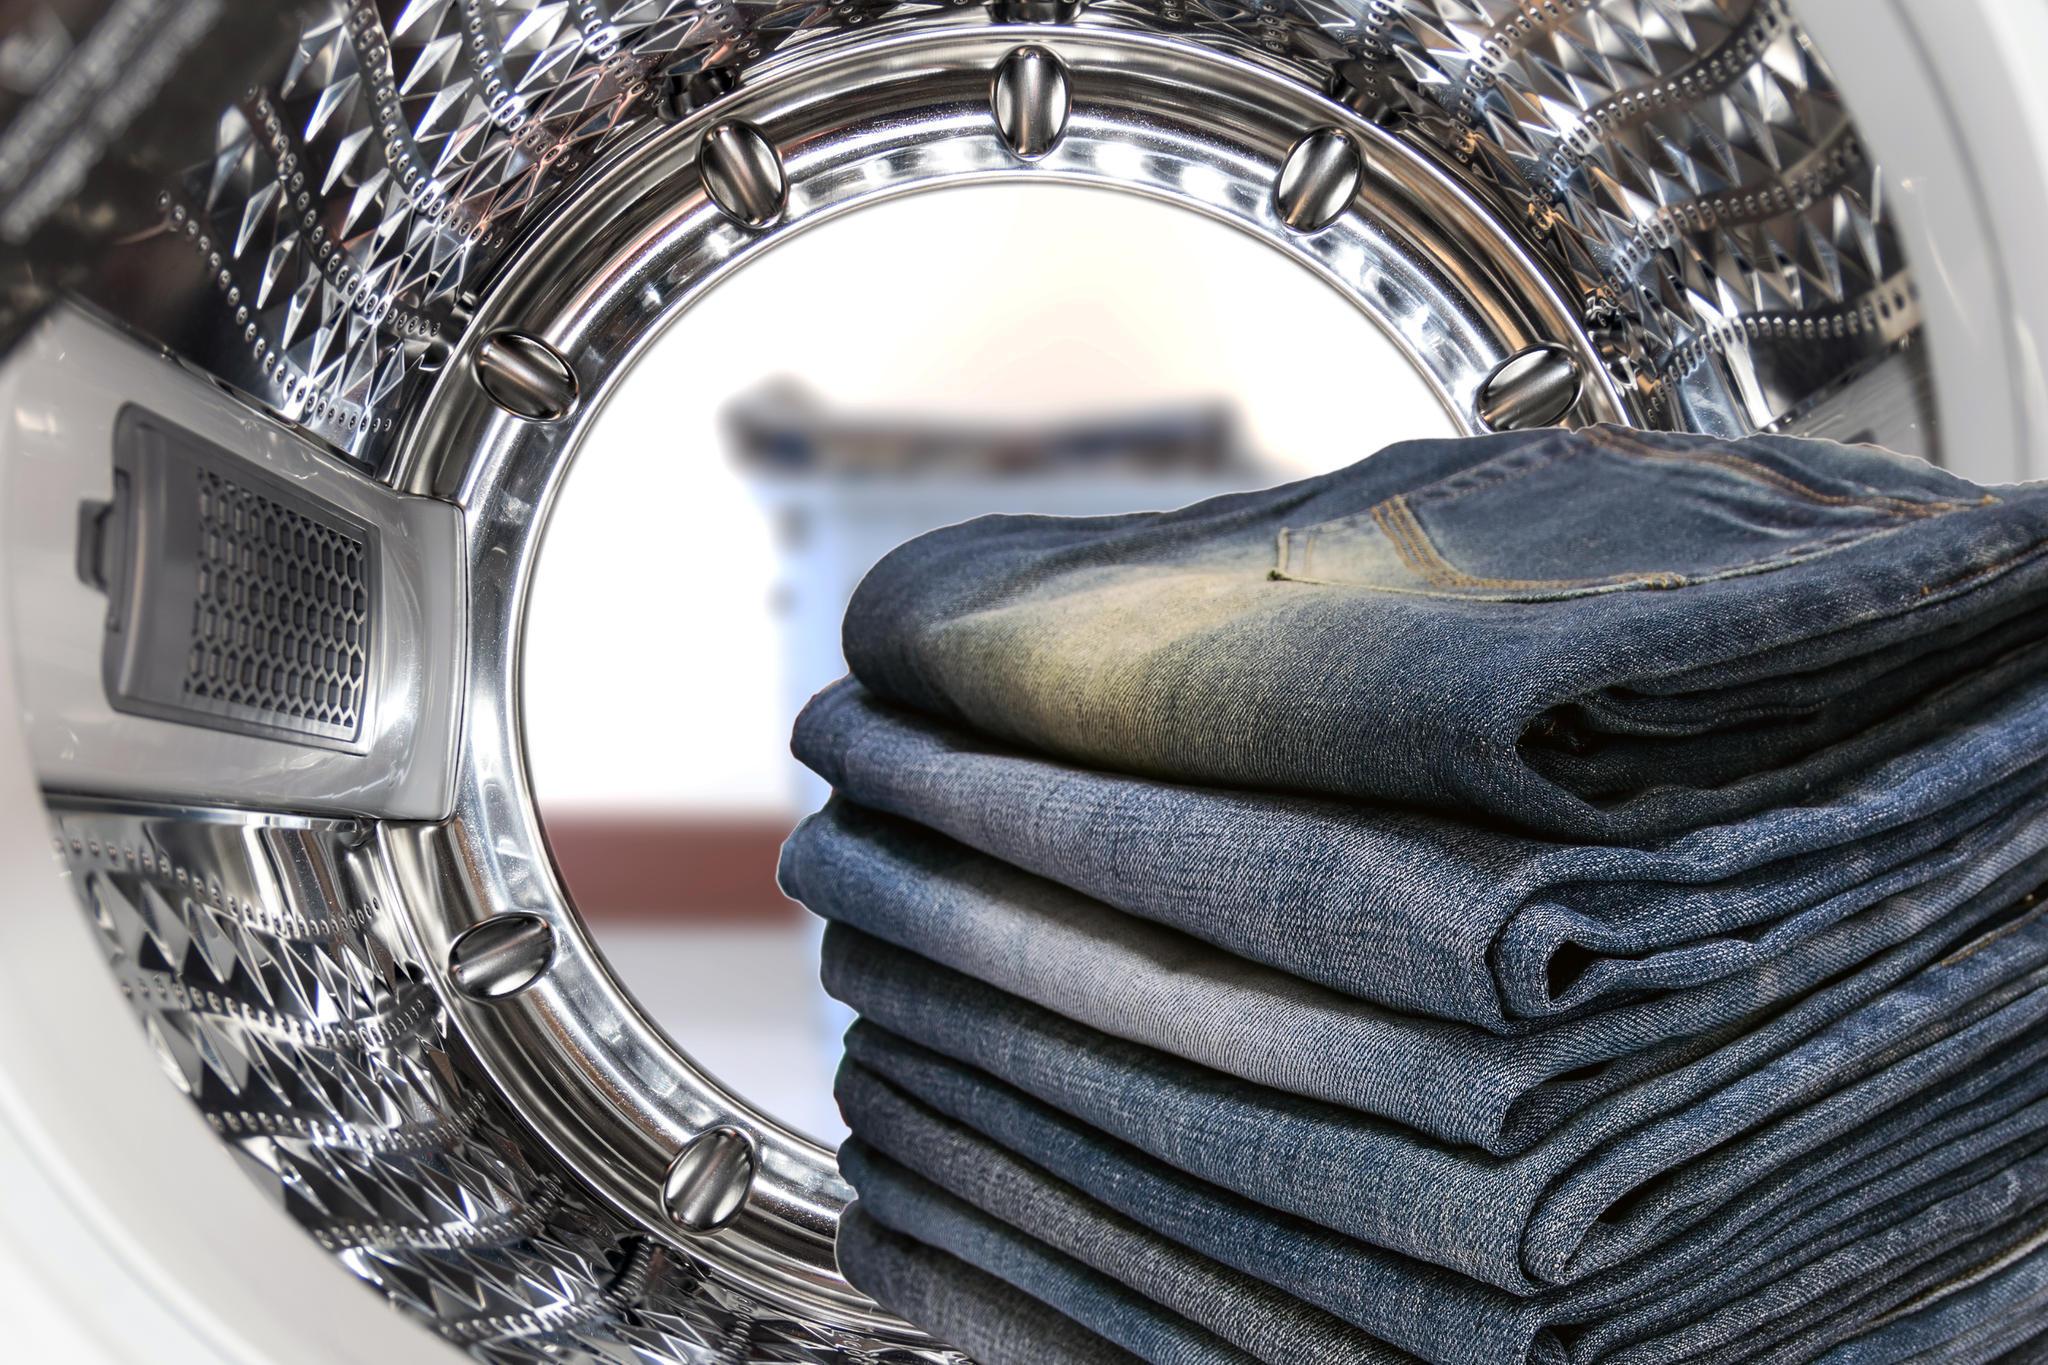 wichtige jeanspflege regel niemals in die waschmaschine. Black Bedroom Furniture Sets. Home Design Ideas